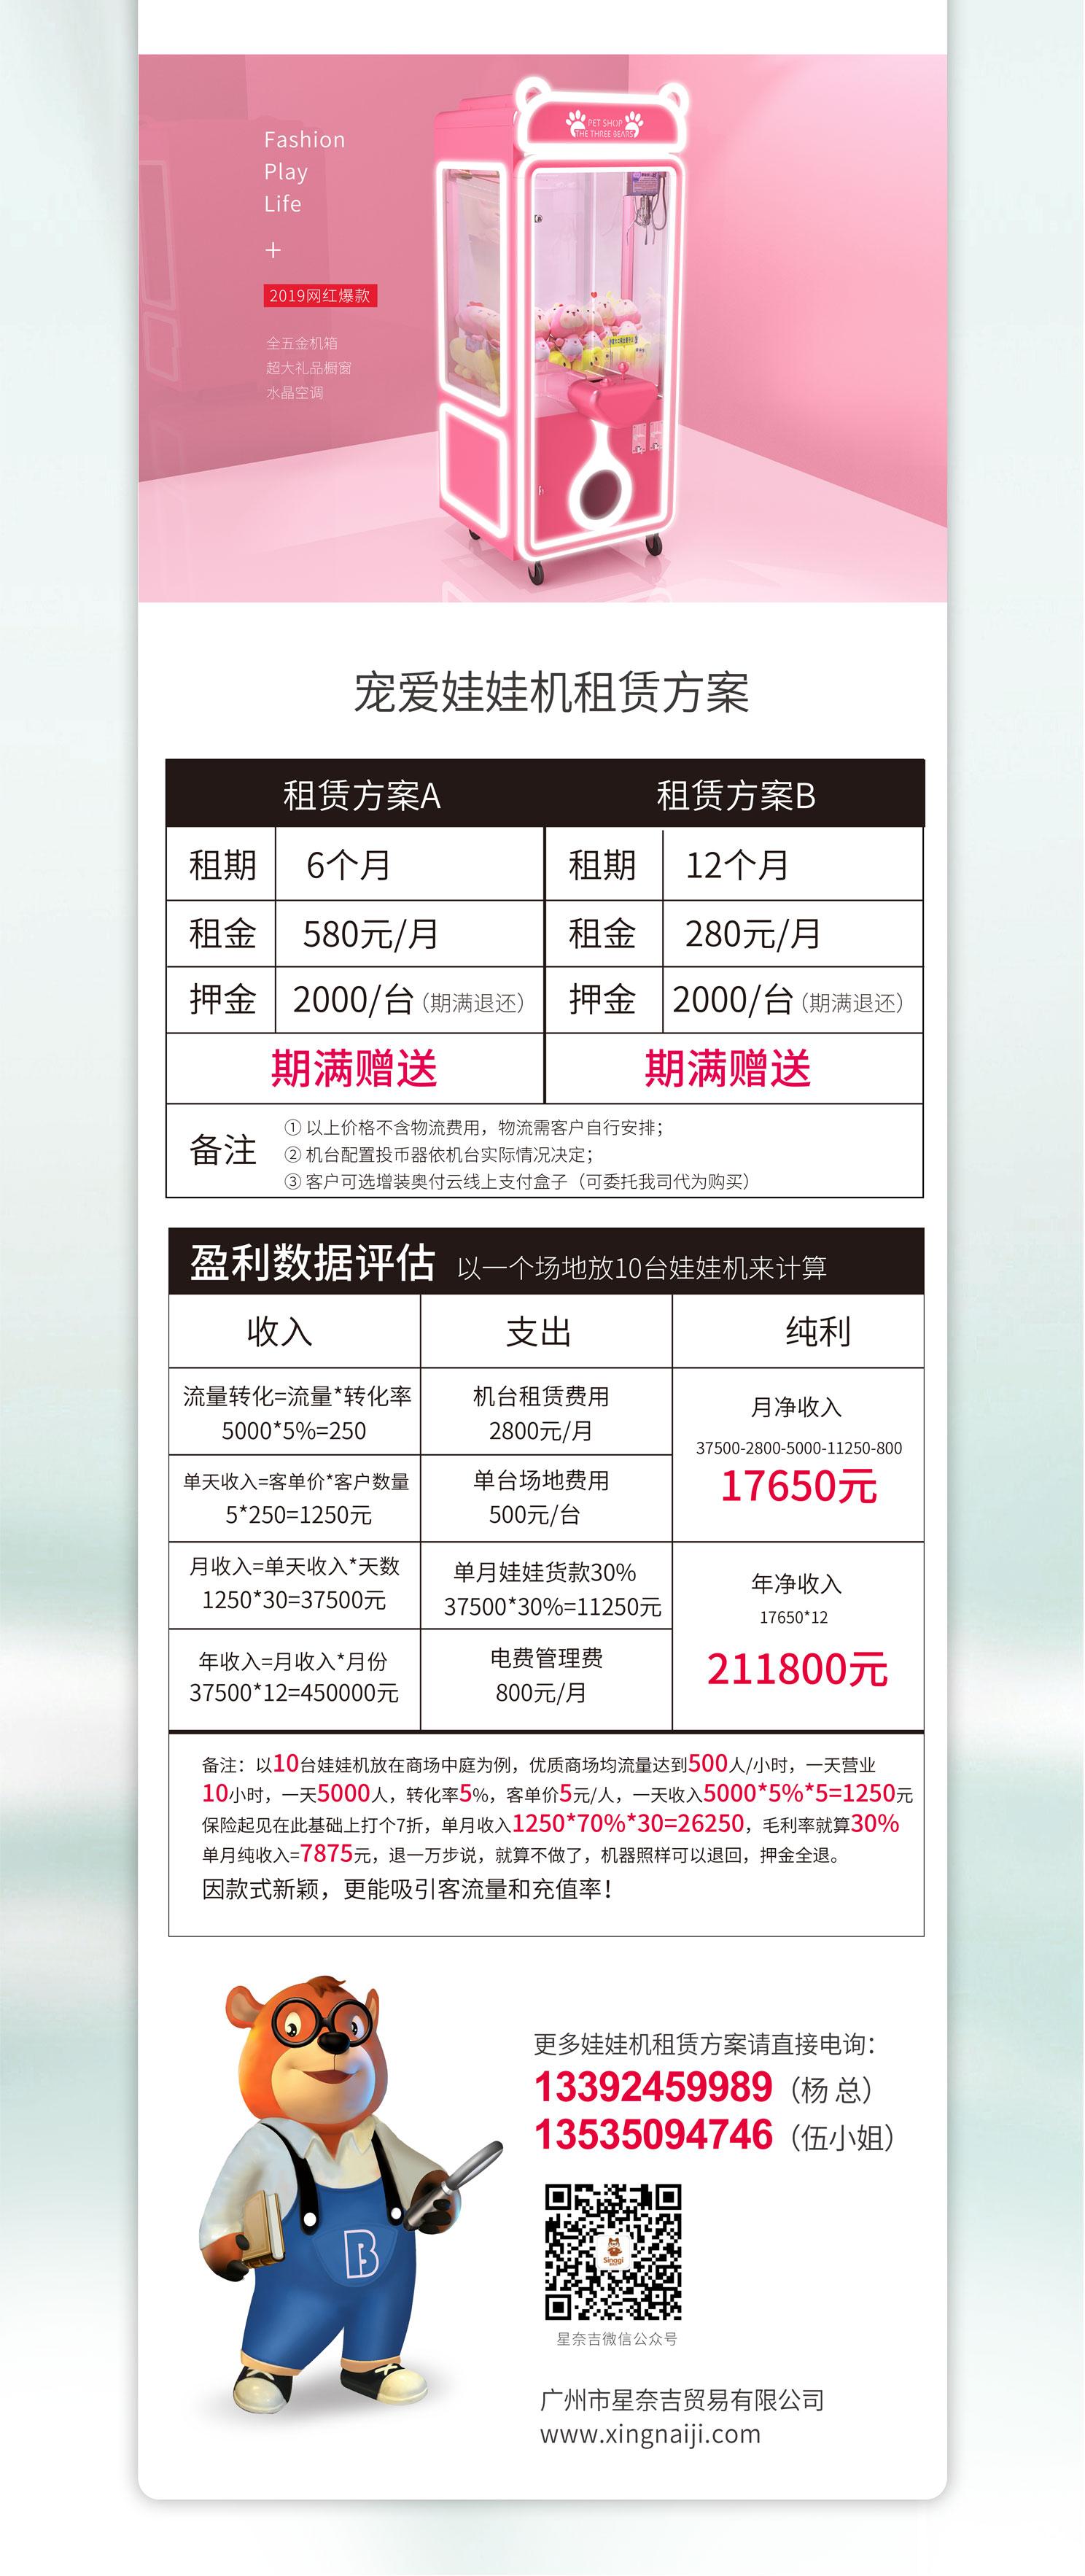 网站娃娃机租赁详情终板_08.jpg